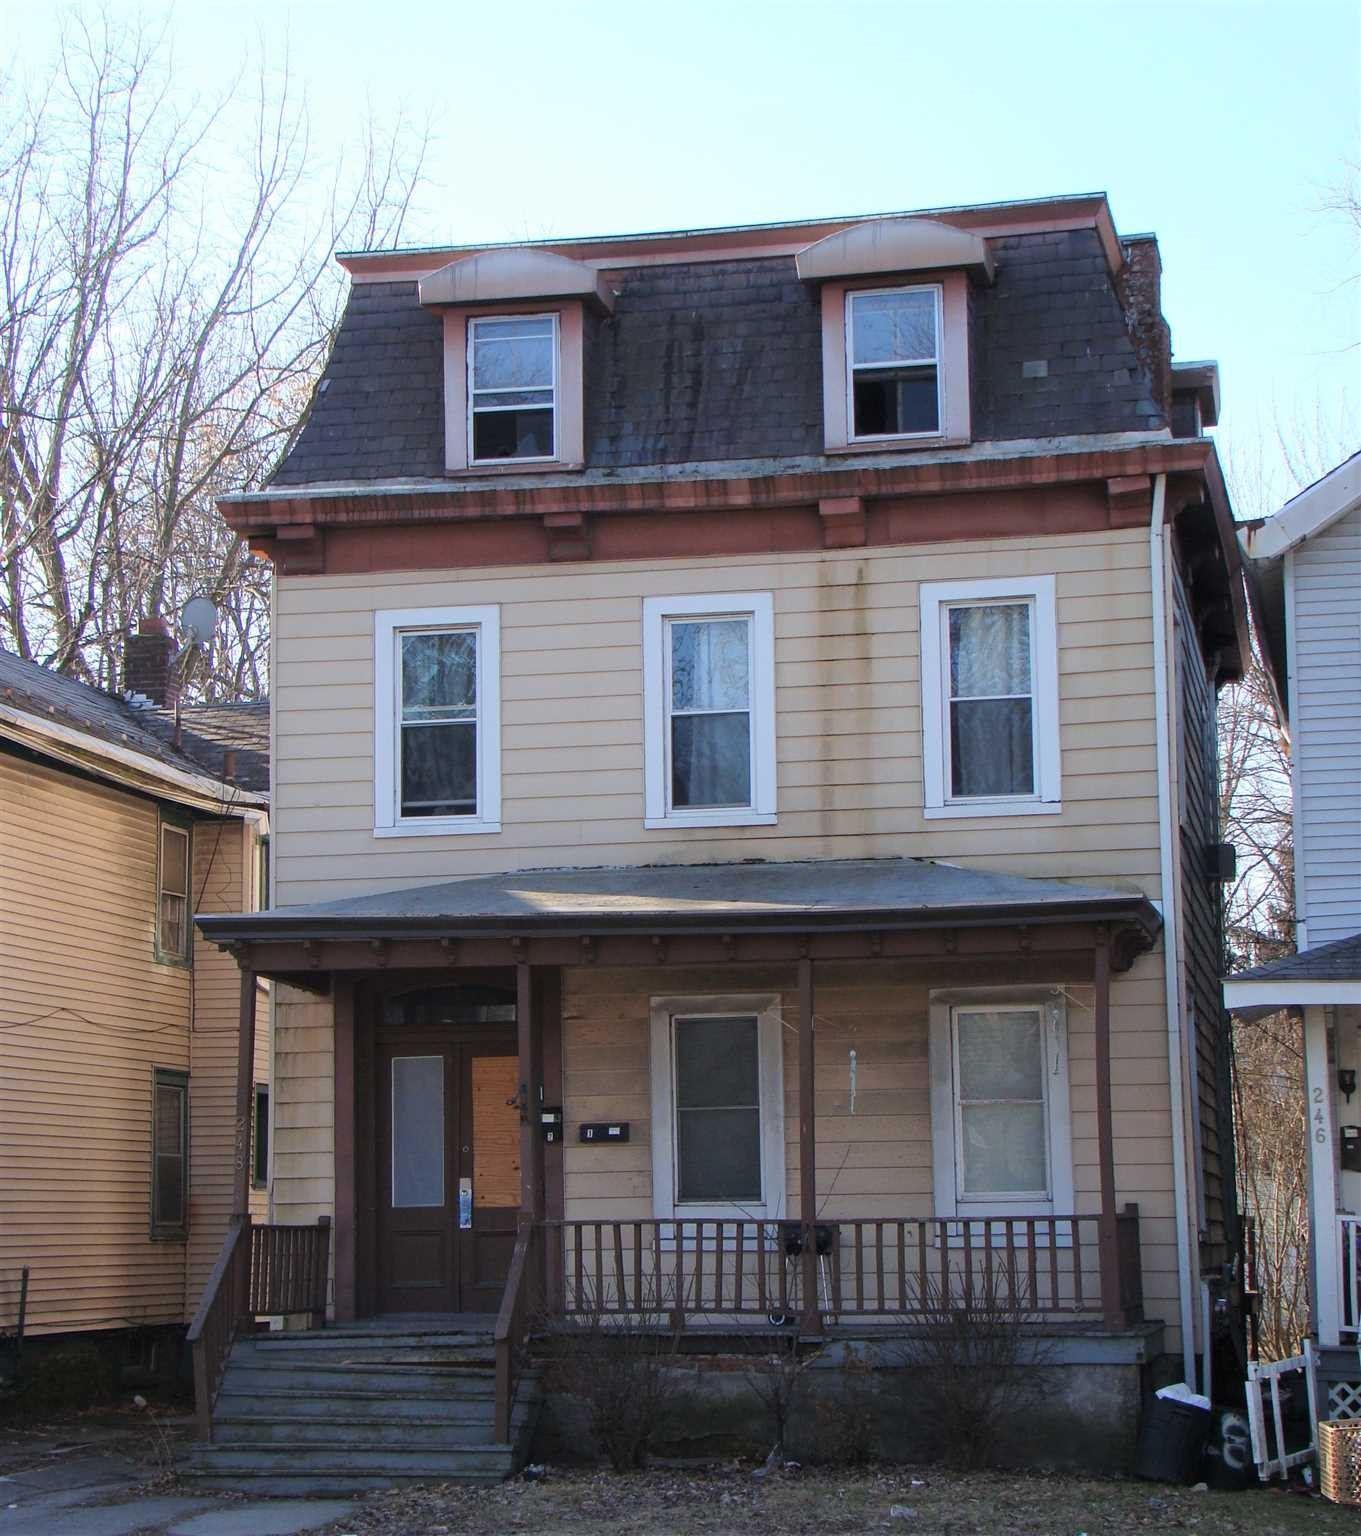 248 CHURCH ST, Poughkeepsie, NY 12601 - #: 396815